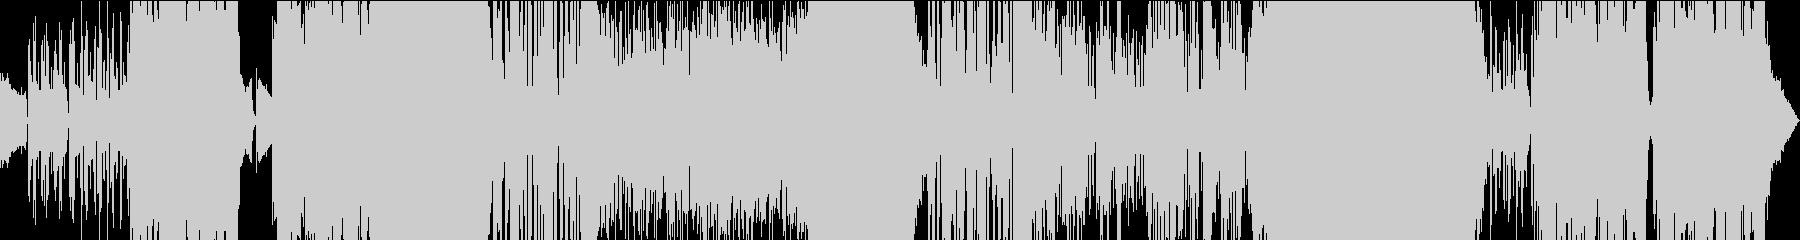 実験的ジャズ。奇妙な。 Synth...の未再生の波形